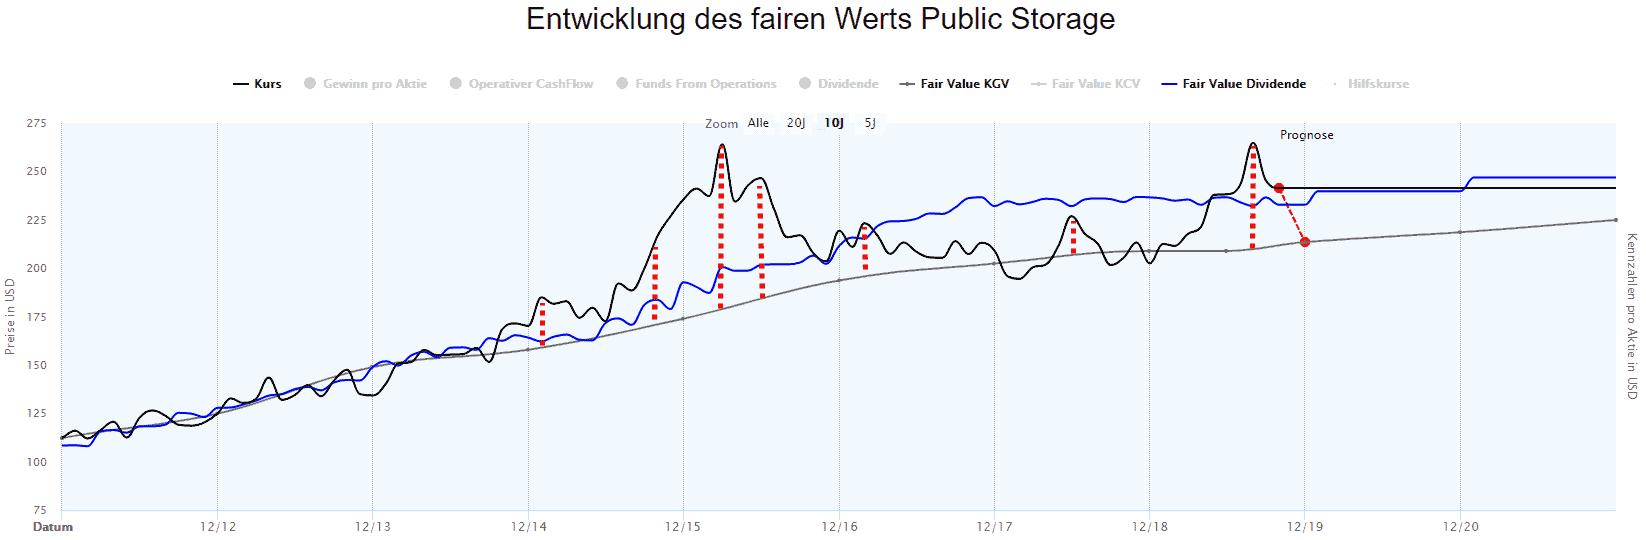 Public Storage in der Dynamischen Aktienbewertung